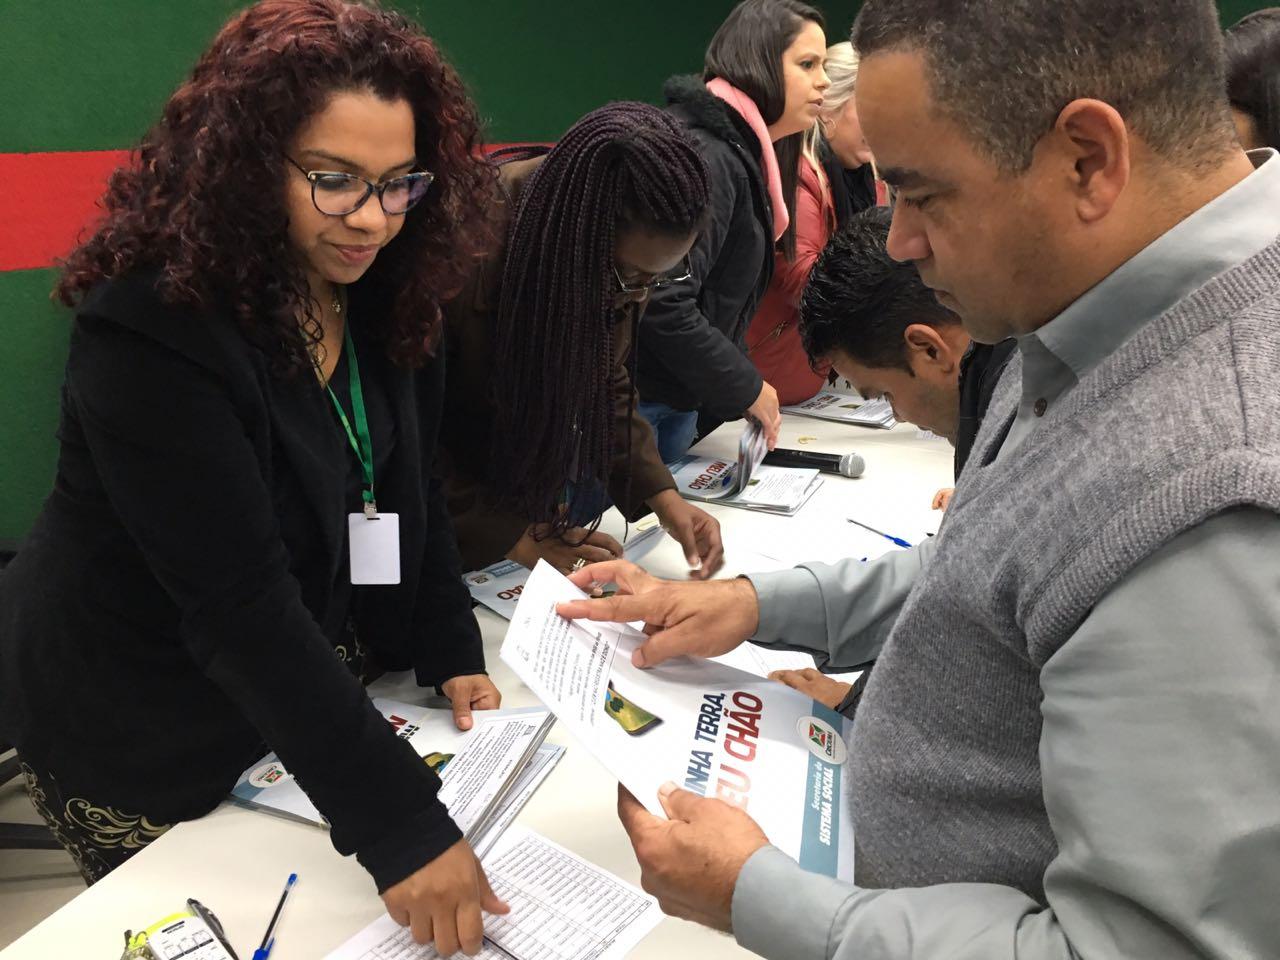 Prefeitura Municipal de Criciúma - Prefeitura entrega escrituras de imóveis a 78 famílias de Criciúma